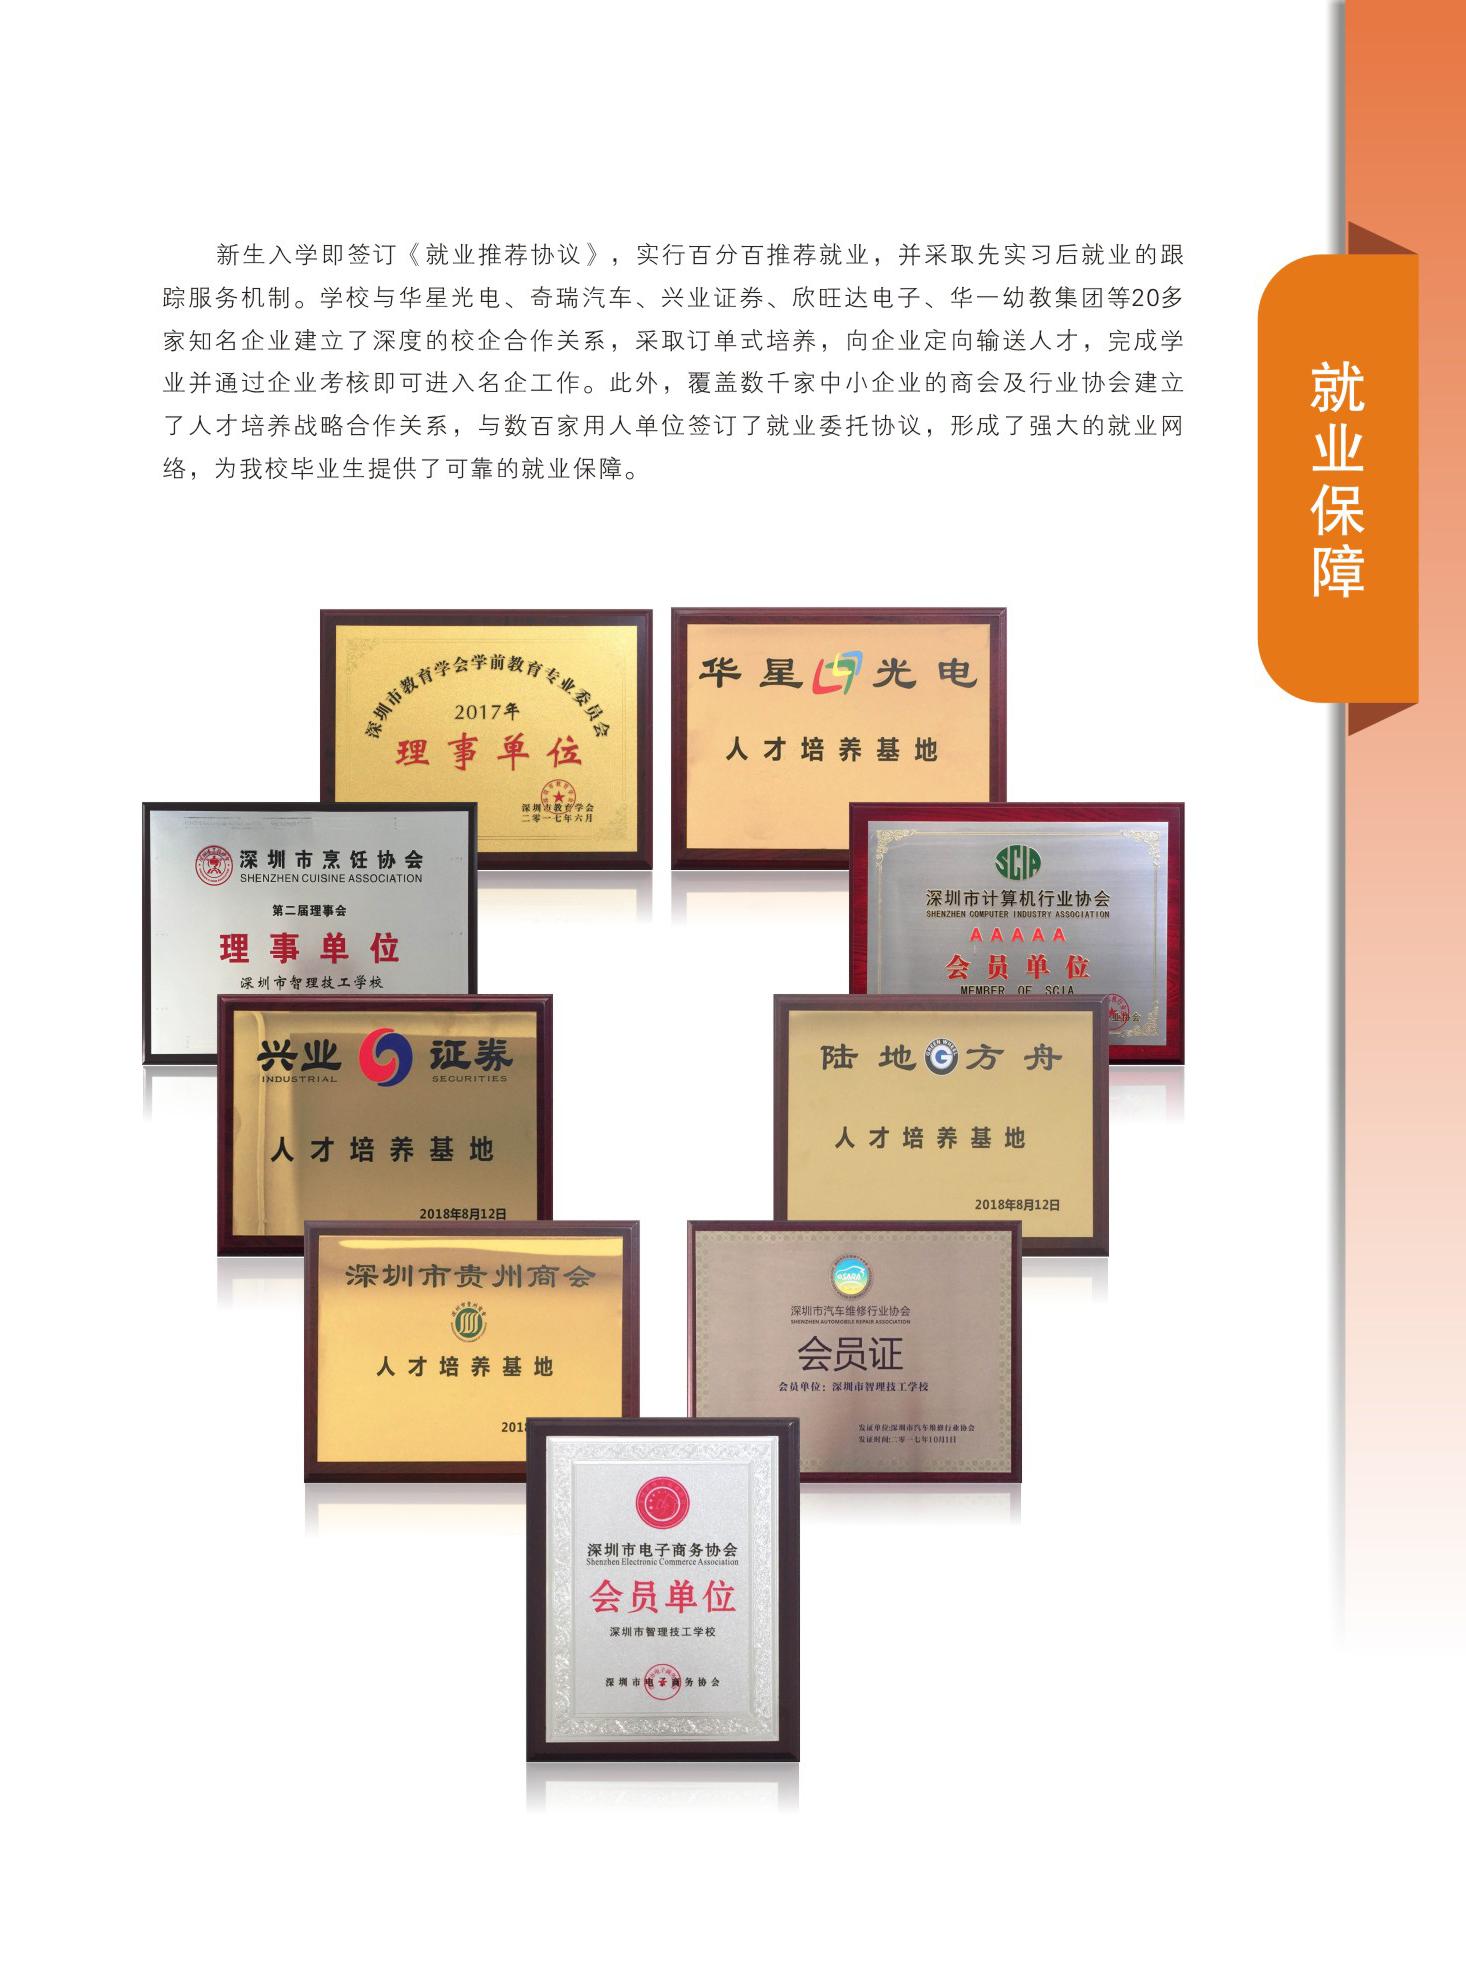 深圳市智理技工学校2019年招生简章就业保障